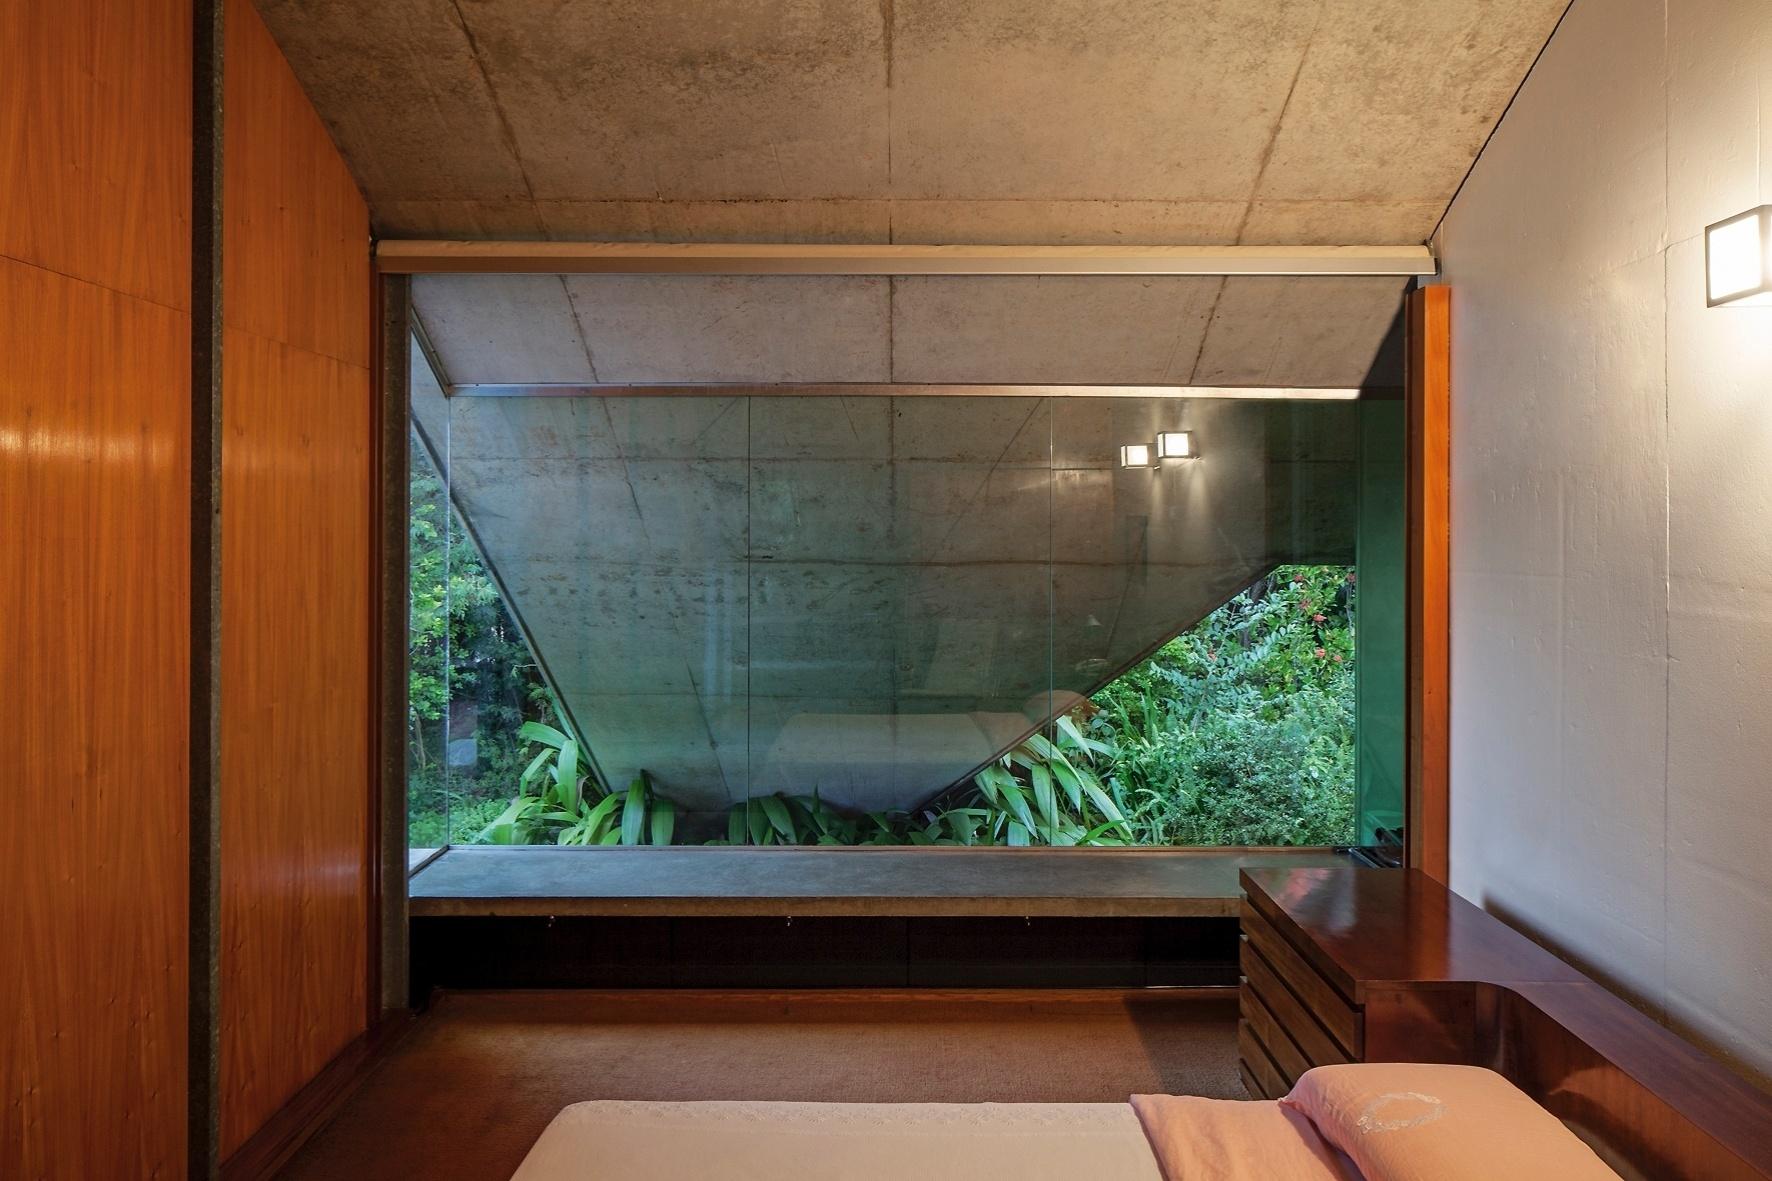 #AB5B20  em perfis de aço galvanizado. O mobiliário em madeira foi desenhado 638 Janelas Para Quarto Em Madeira Preço